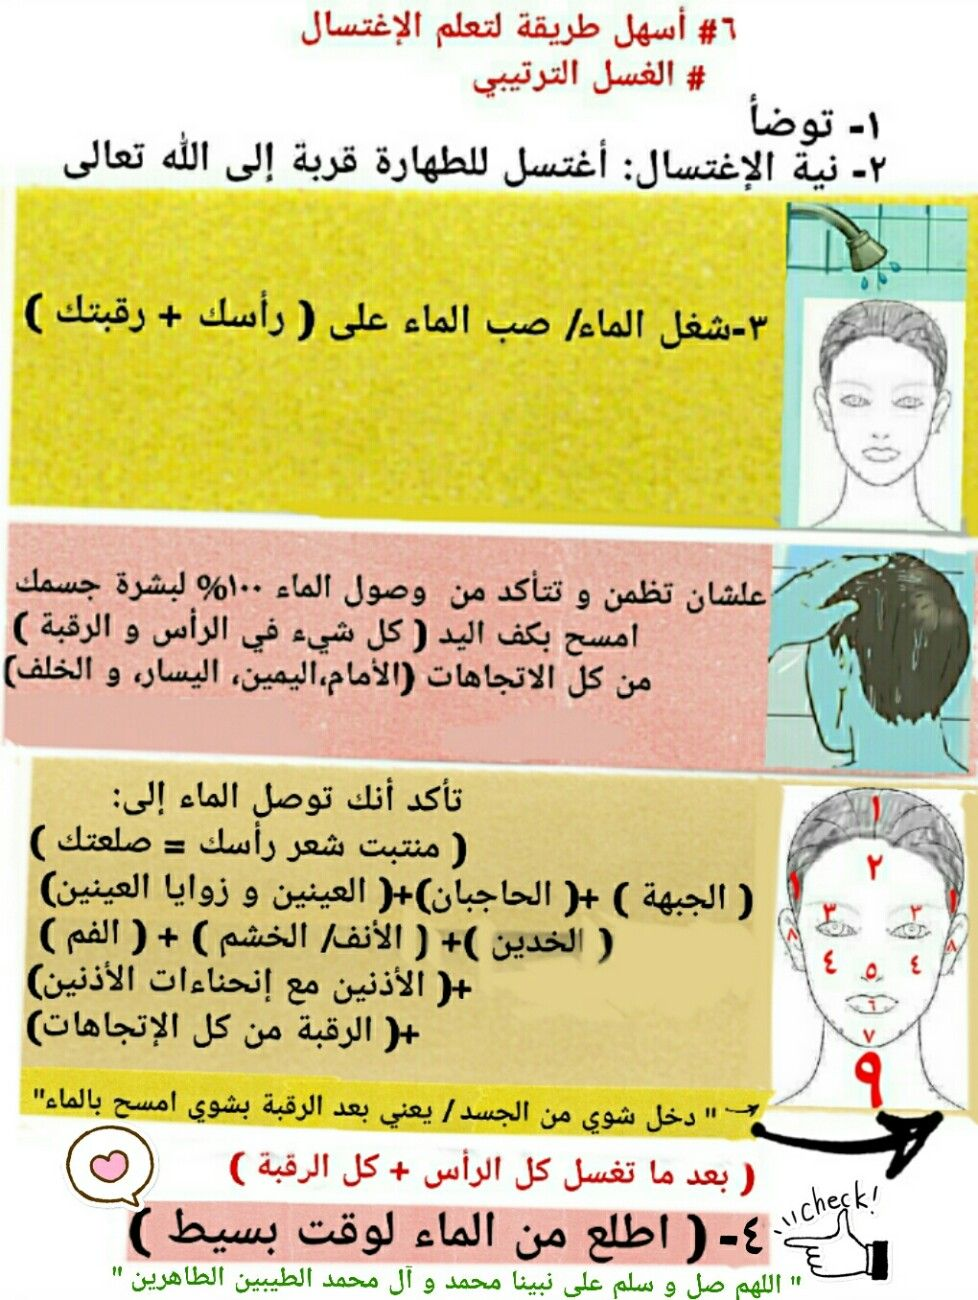 ٦ أسهل طريقة لتعلم الإغتسال الغسل الترتيبي الدورة الشهرية الجنابة Health Jogging Event